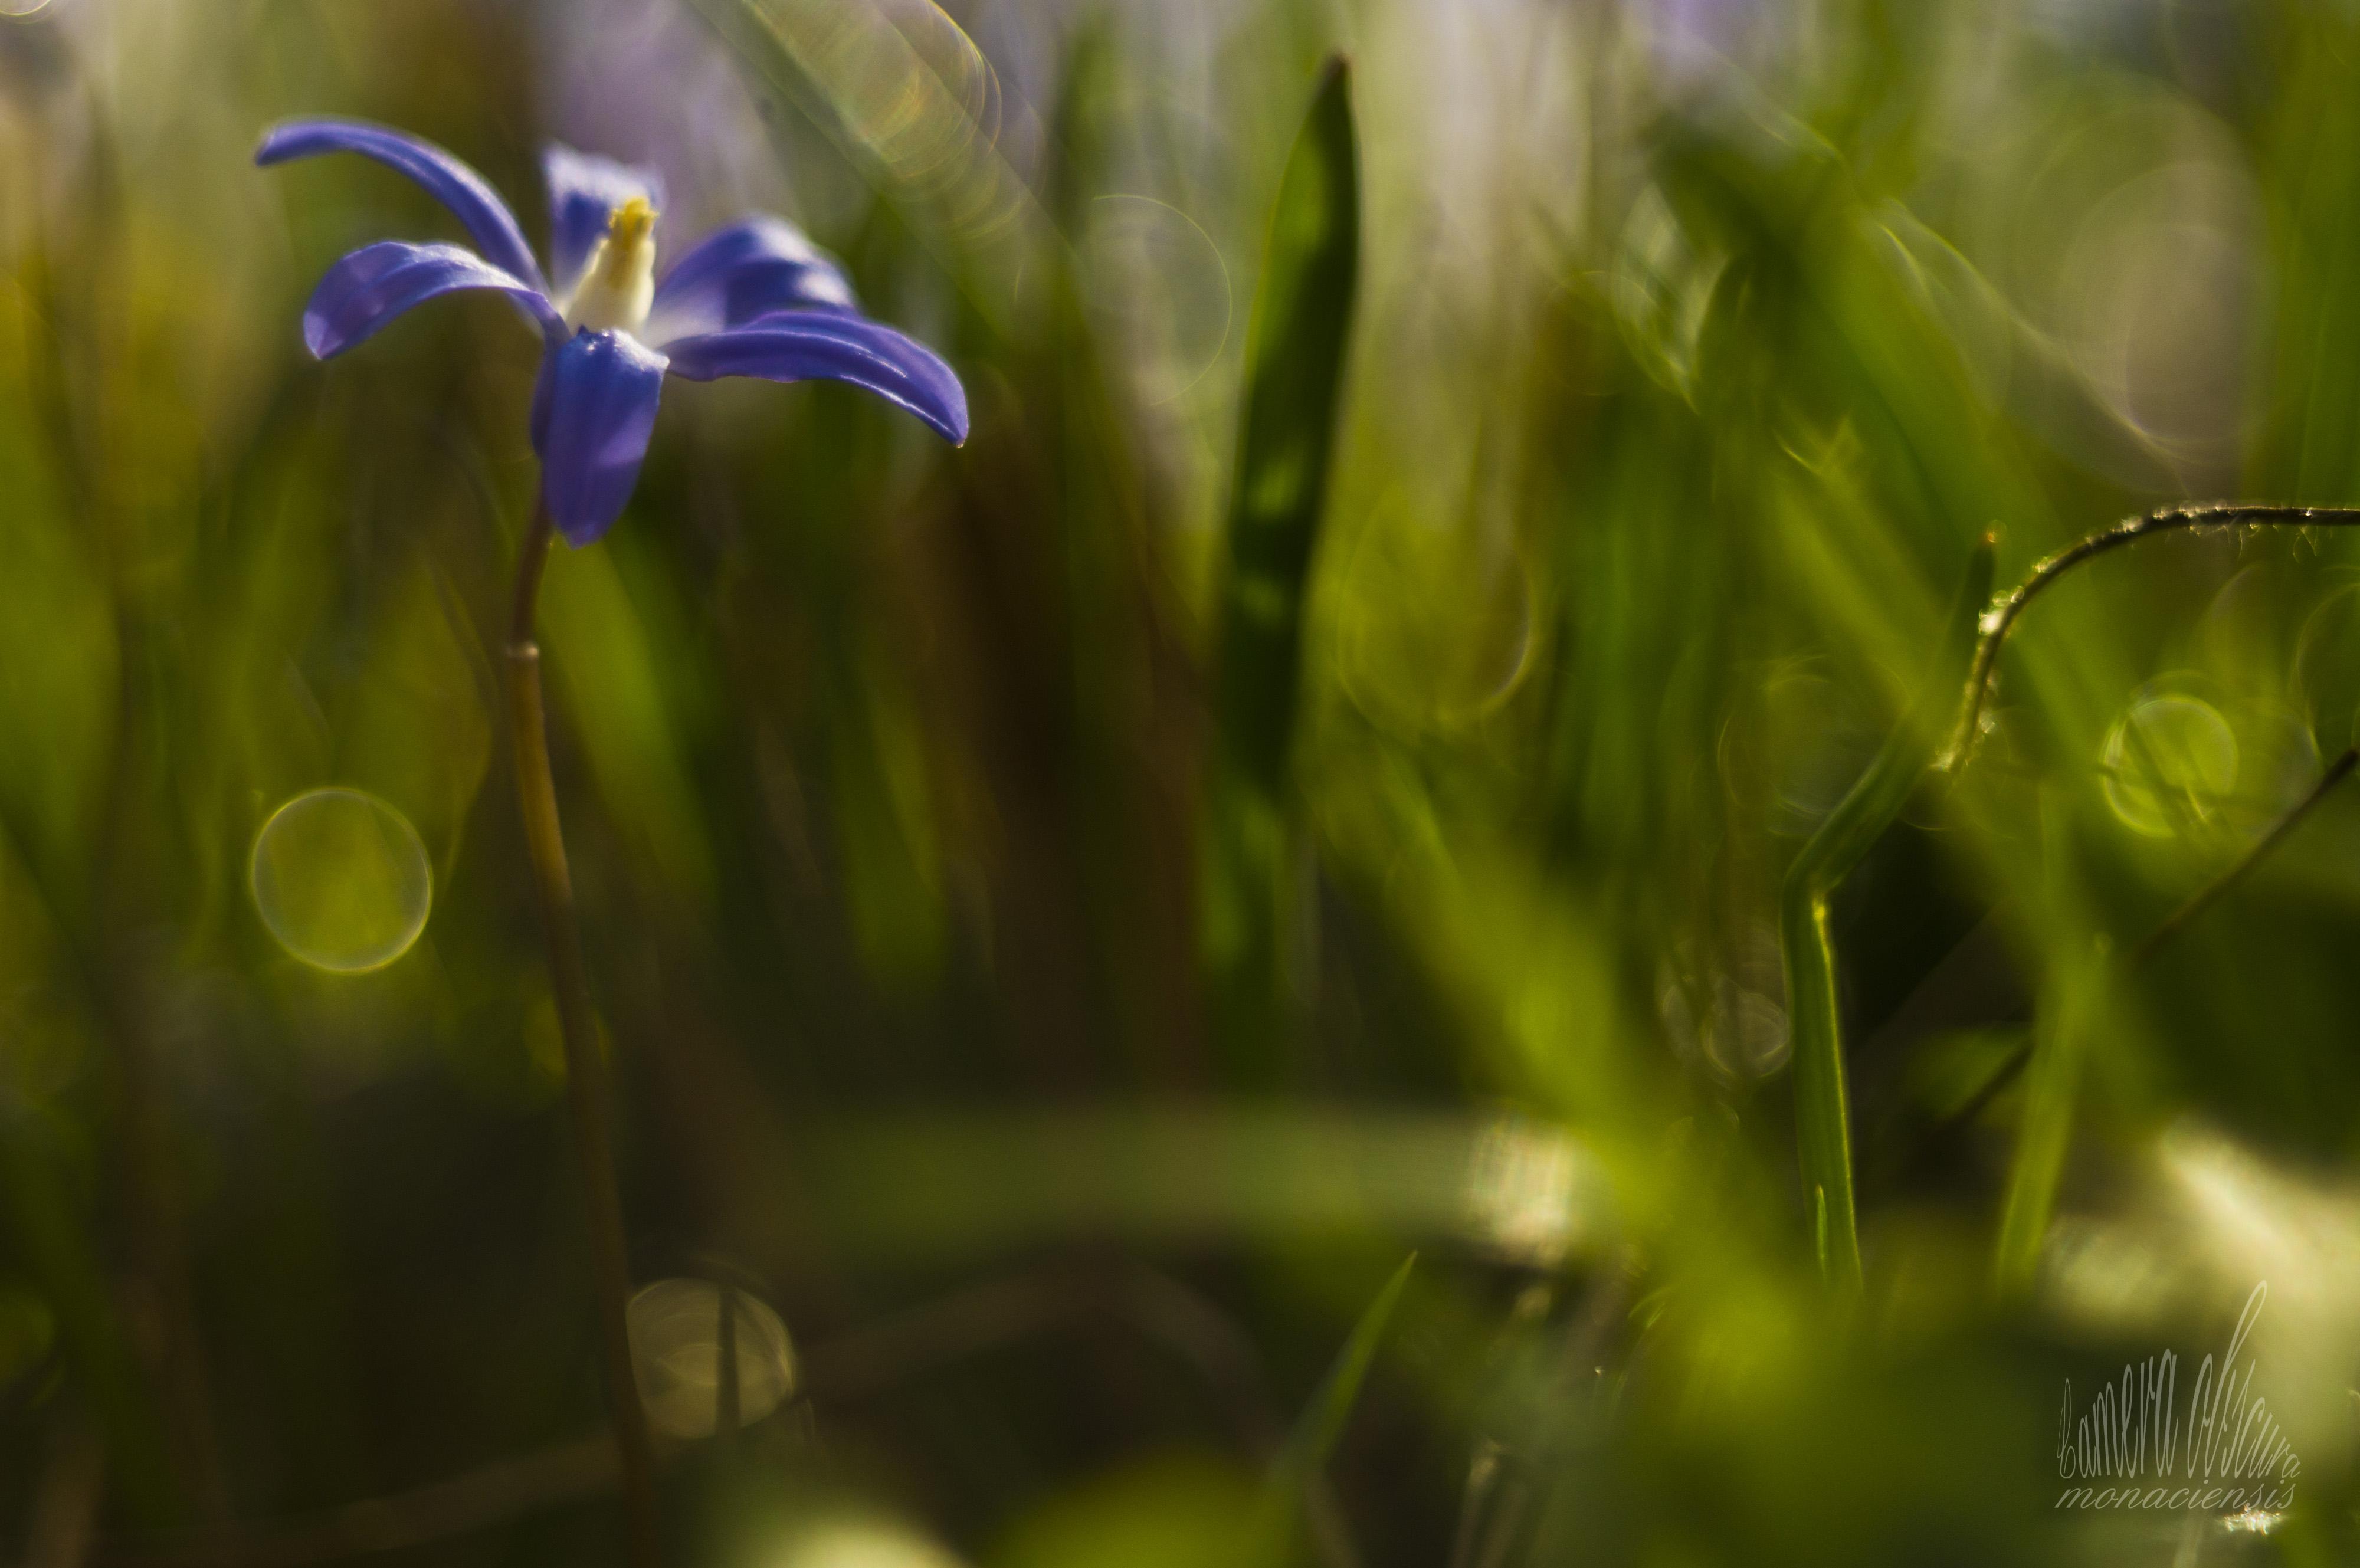 Sun Garden Gartenmobel ~ Wallpaper sunlight garden nature grass plants closeup